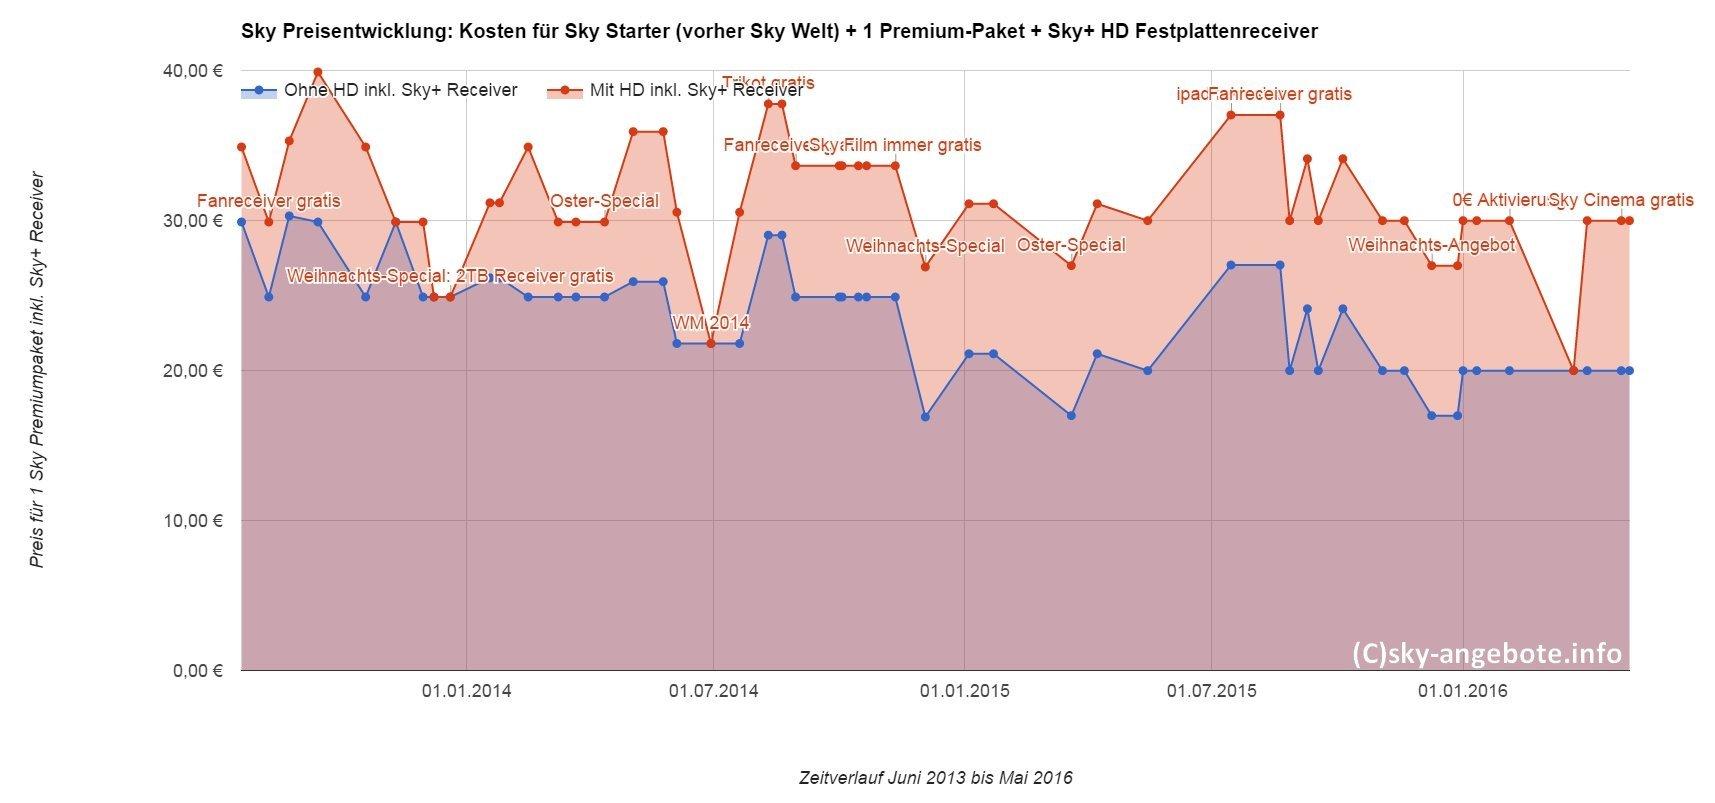 sky-preise-entwicklung-2016